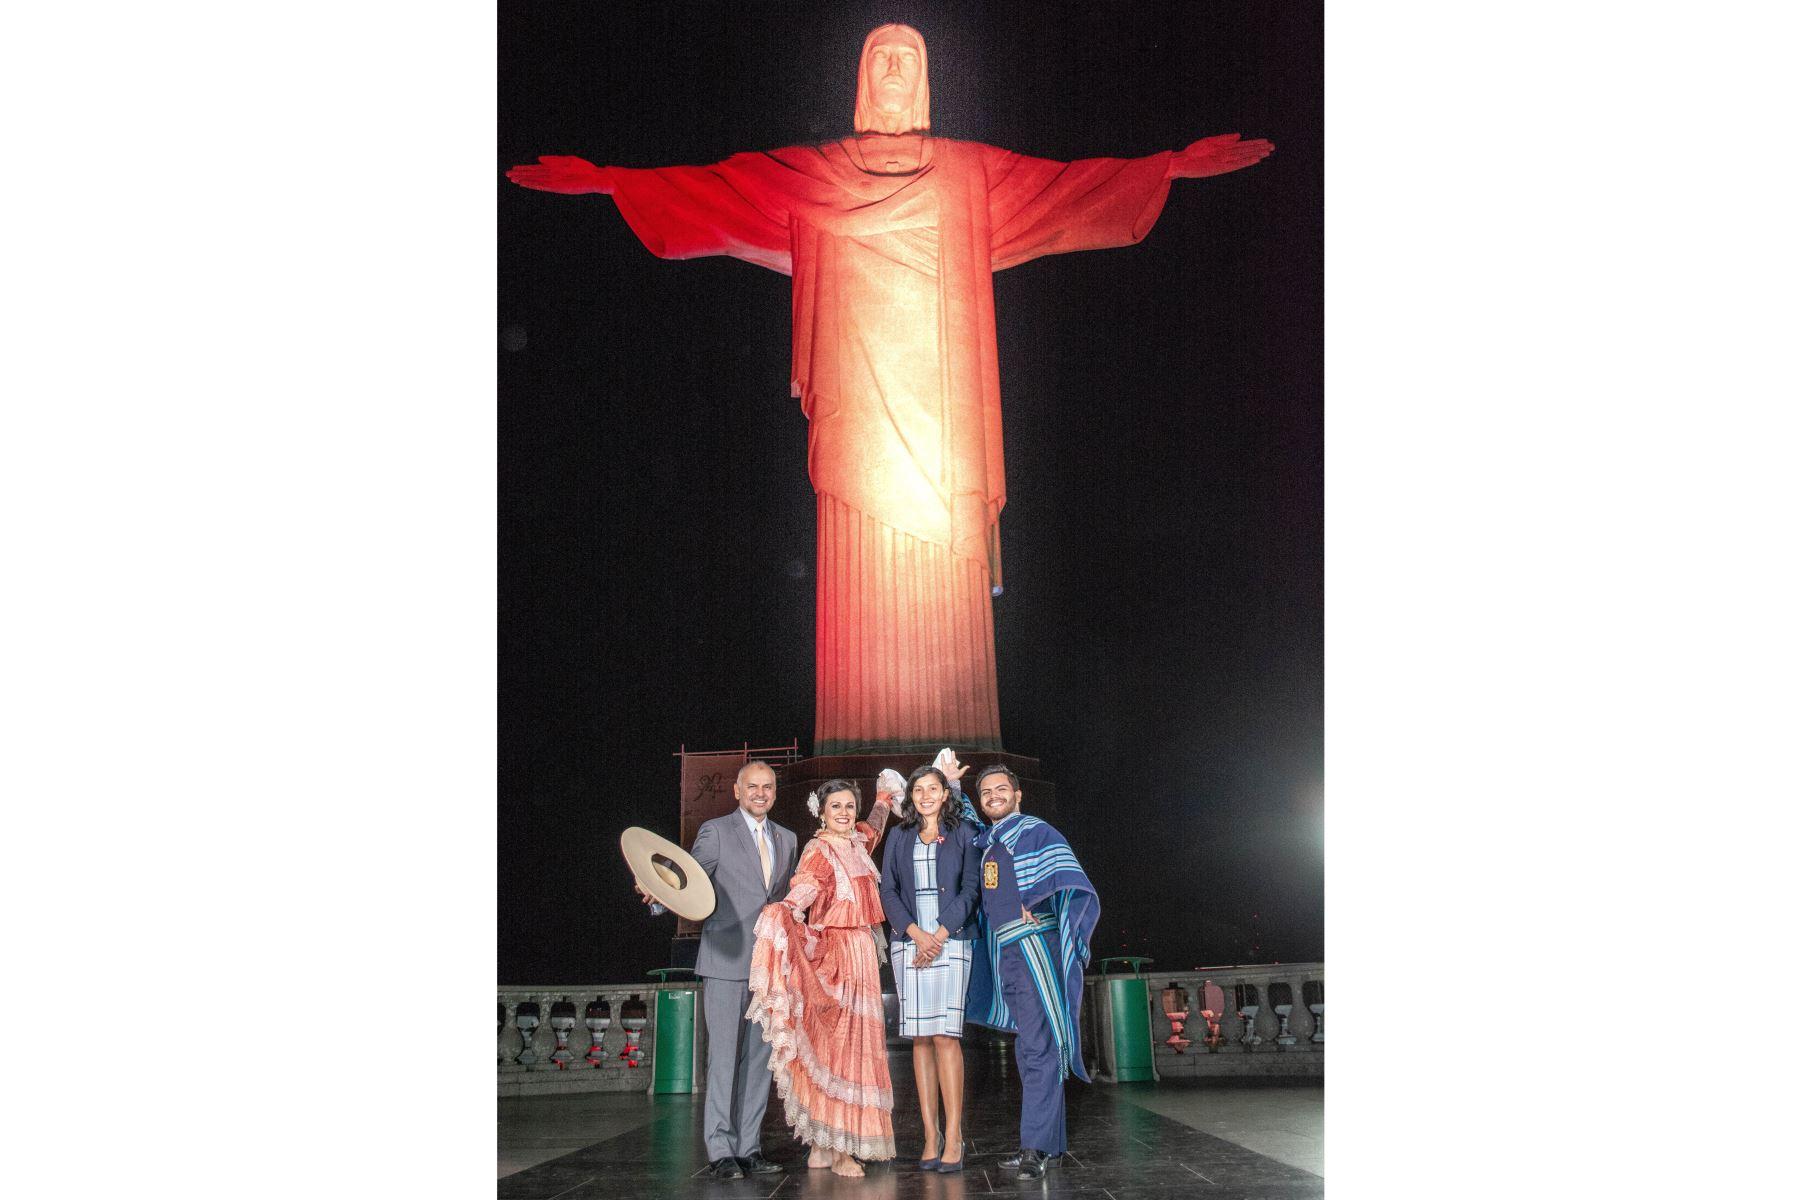 El Consulado General del Perú en Rio de Janeiro, con el apoyo del Santuario Cristo Redentor, organizó el homenaje por el Bicentenario de la Independencia del Perú, iluminando una de las siete maravillas del mundo moderno con los colores de nuestra bandera. Foto: Cancillería del Perú